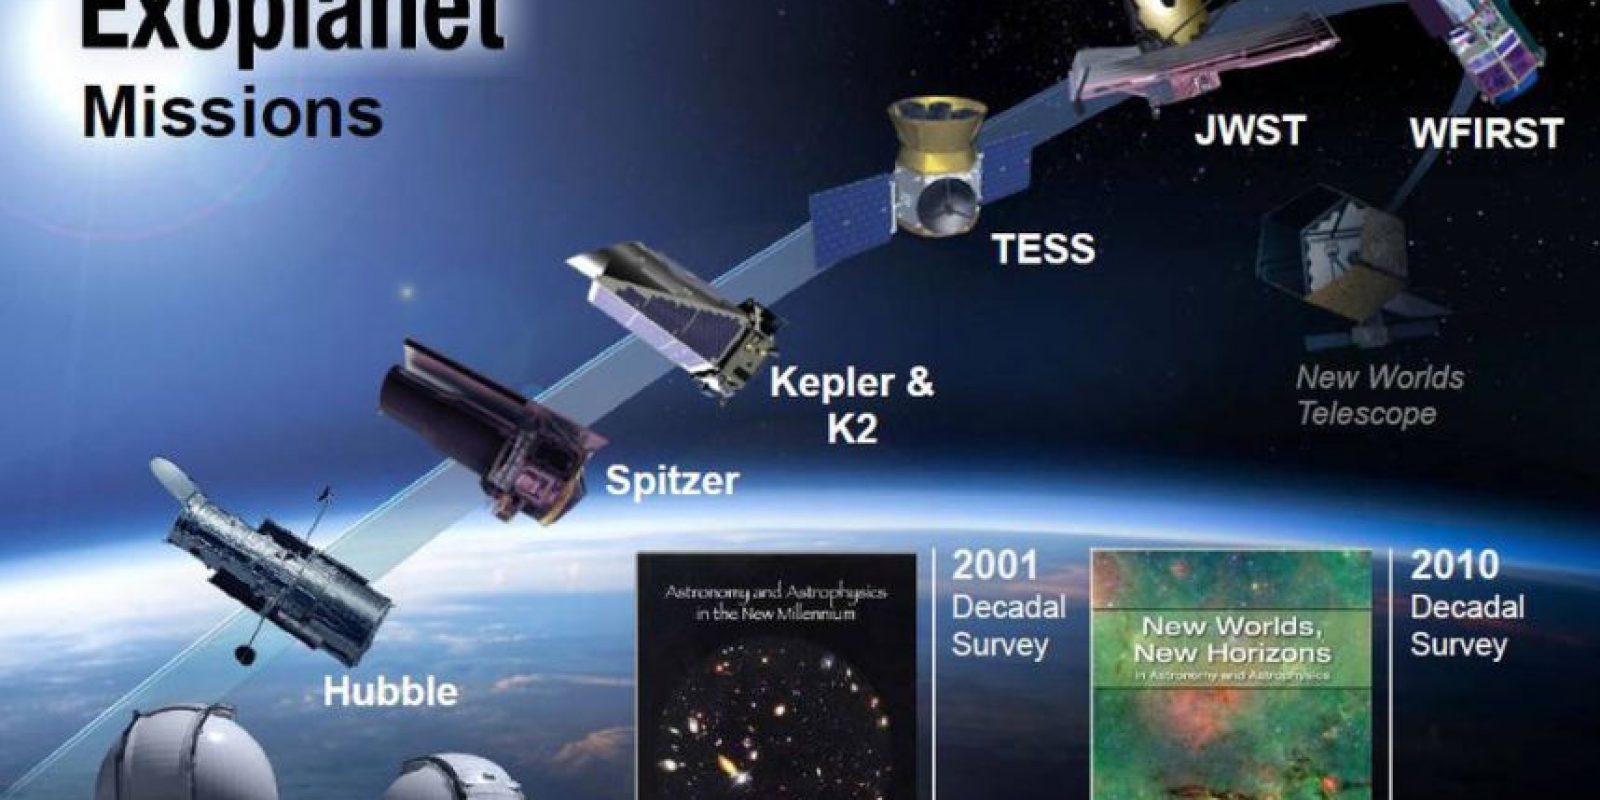 La misión Kepler fue lanzada el 9 de marzo de 2009 Foto:NASA